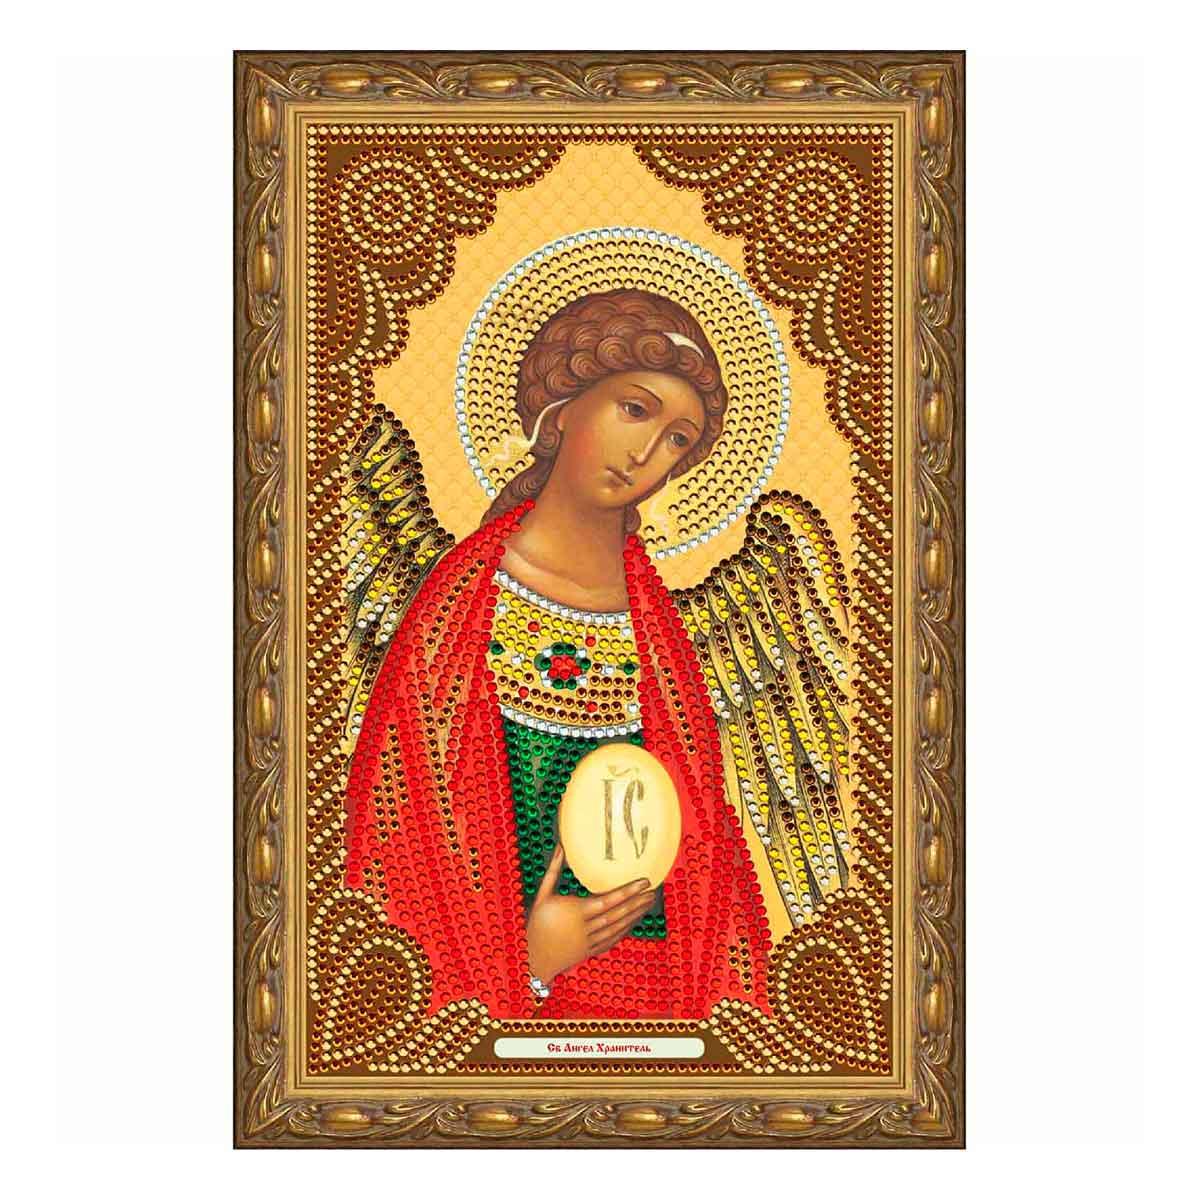 IK009 Картина со стразами Колор Кит 'Святой Ангел Хранитель' 20*30см